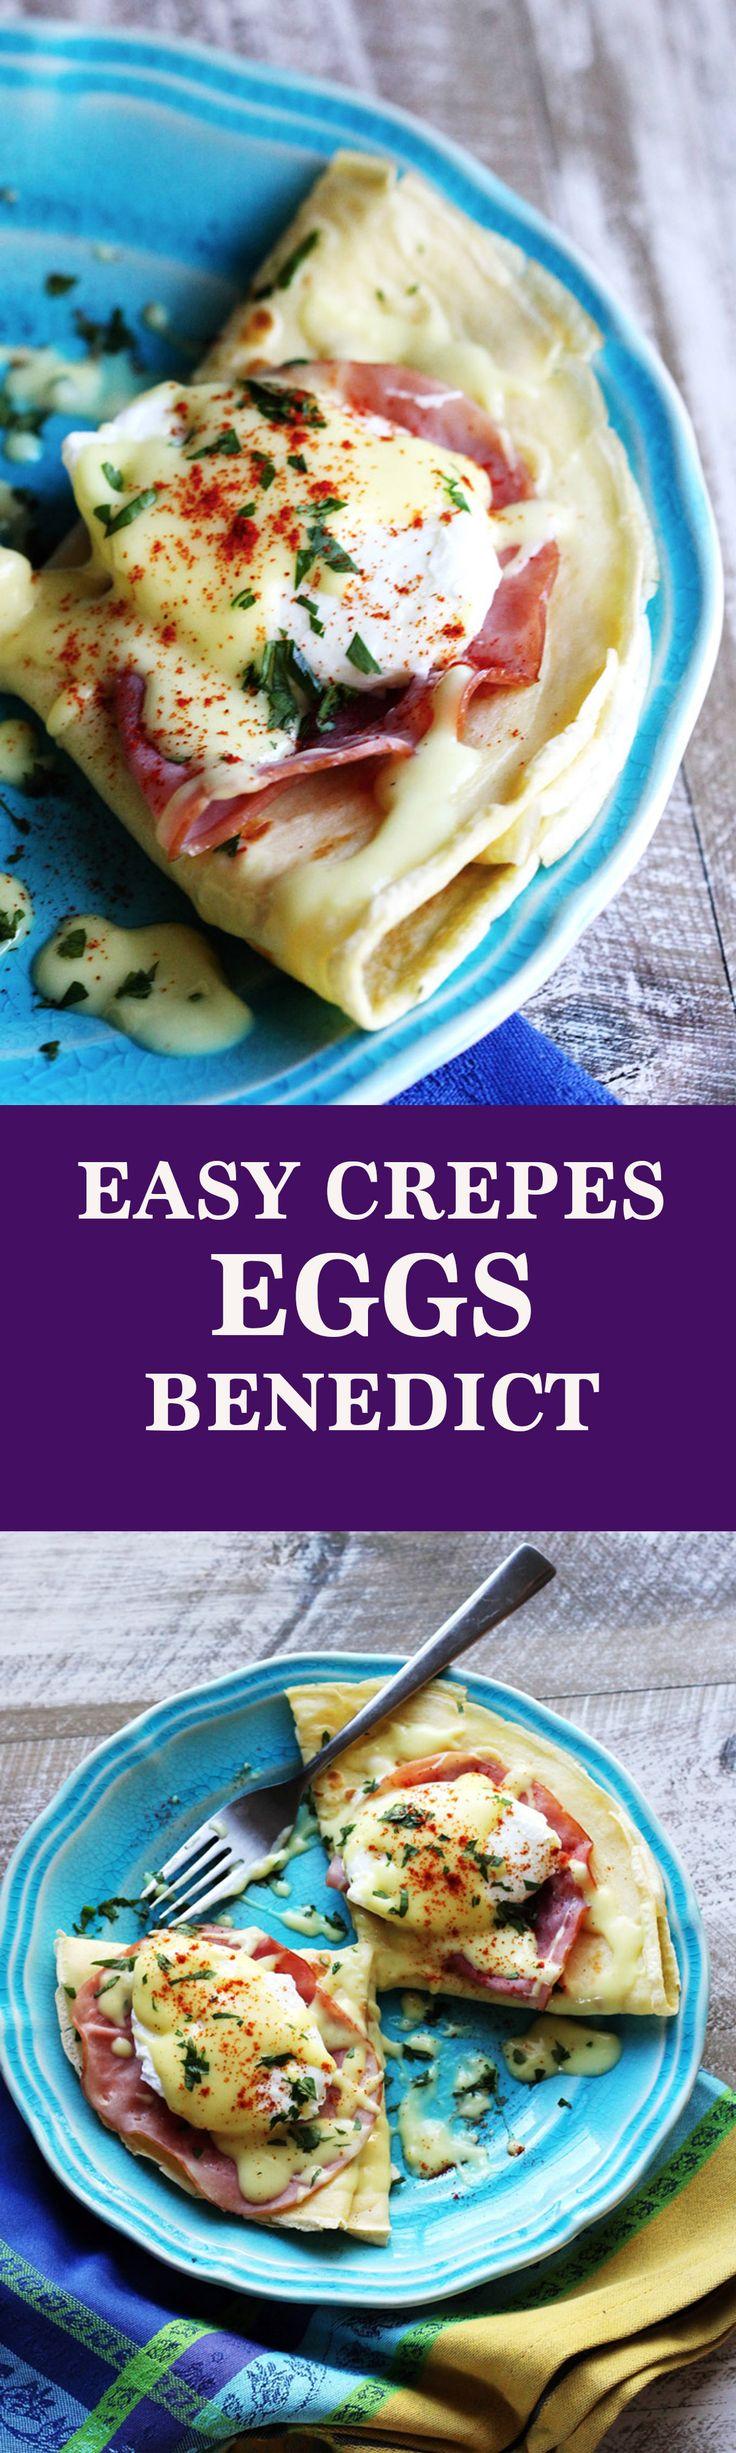 Easy Crepes Eggs Benedict